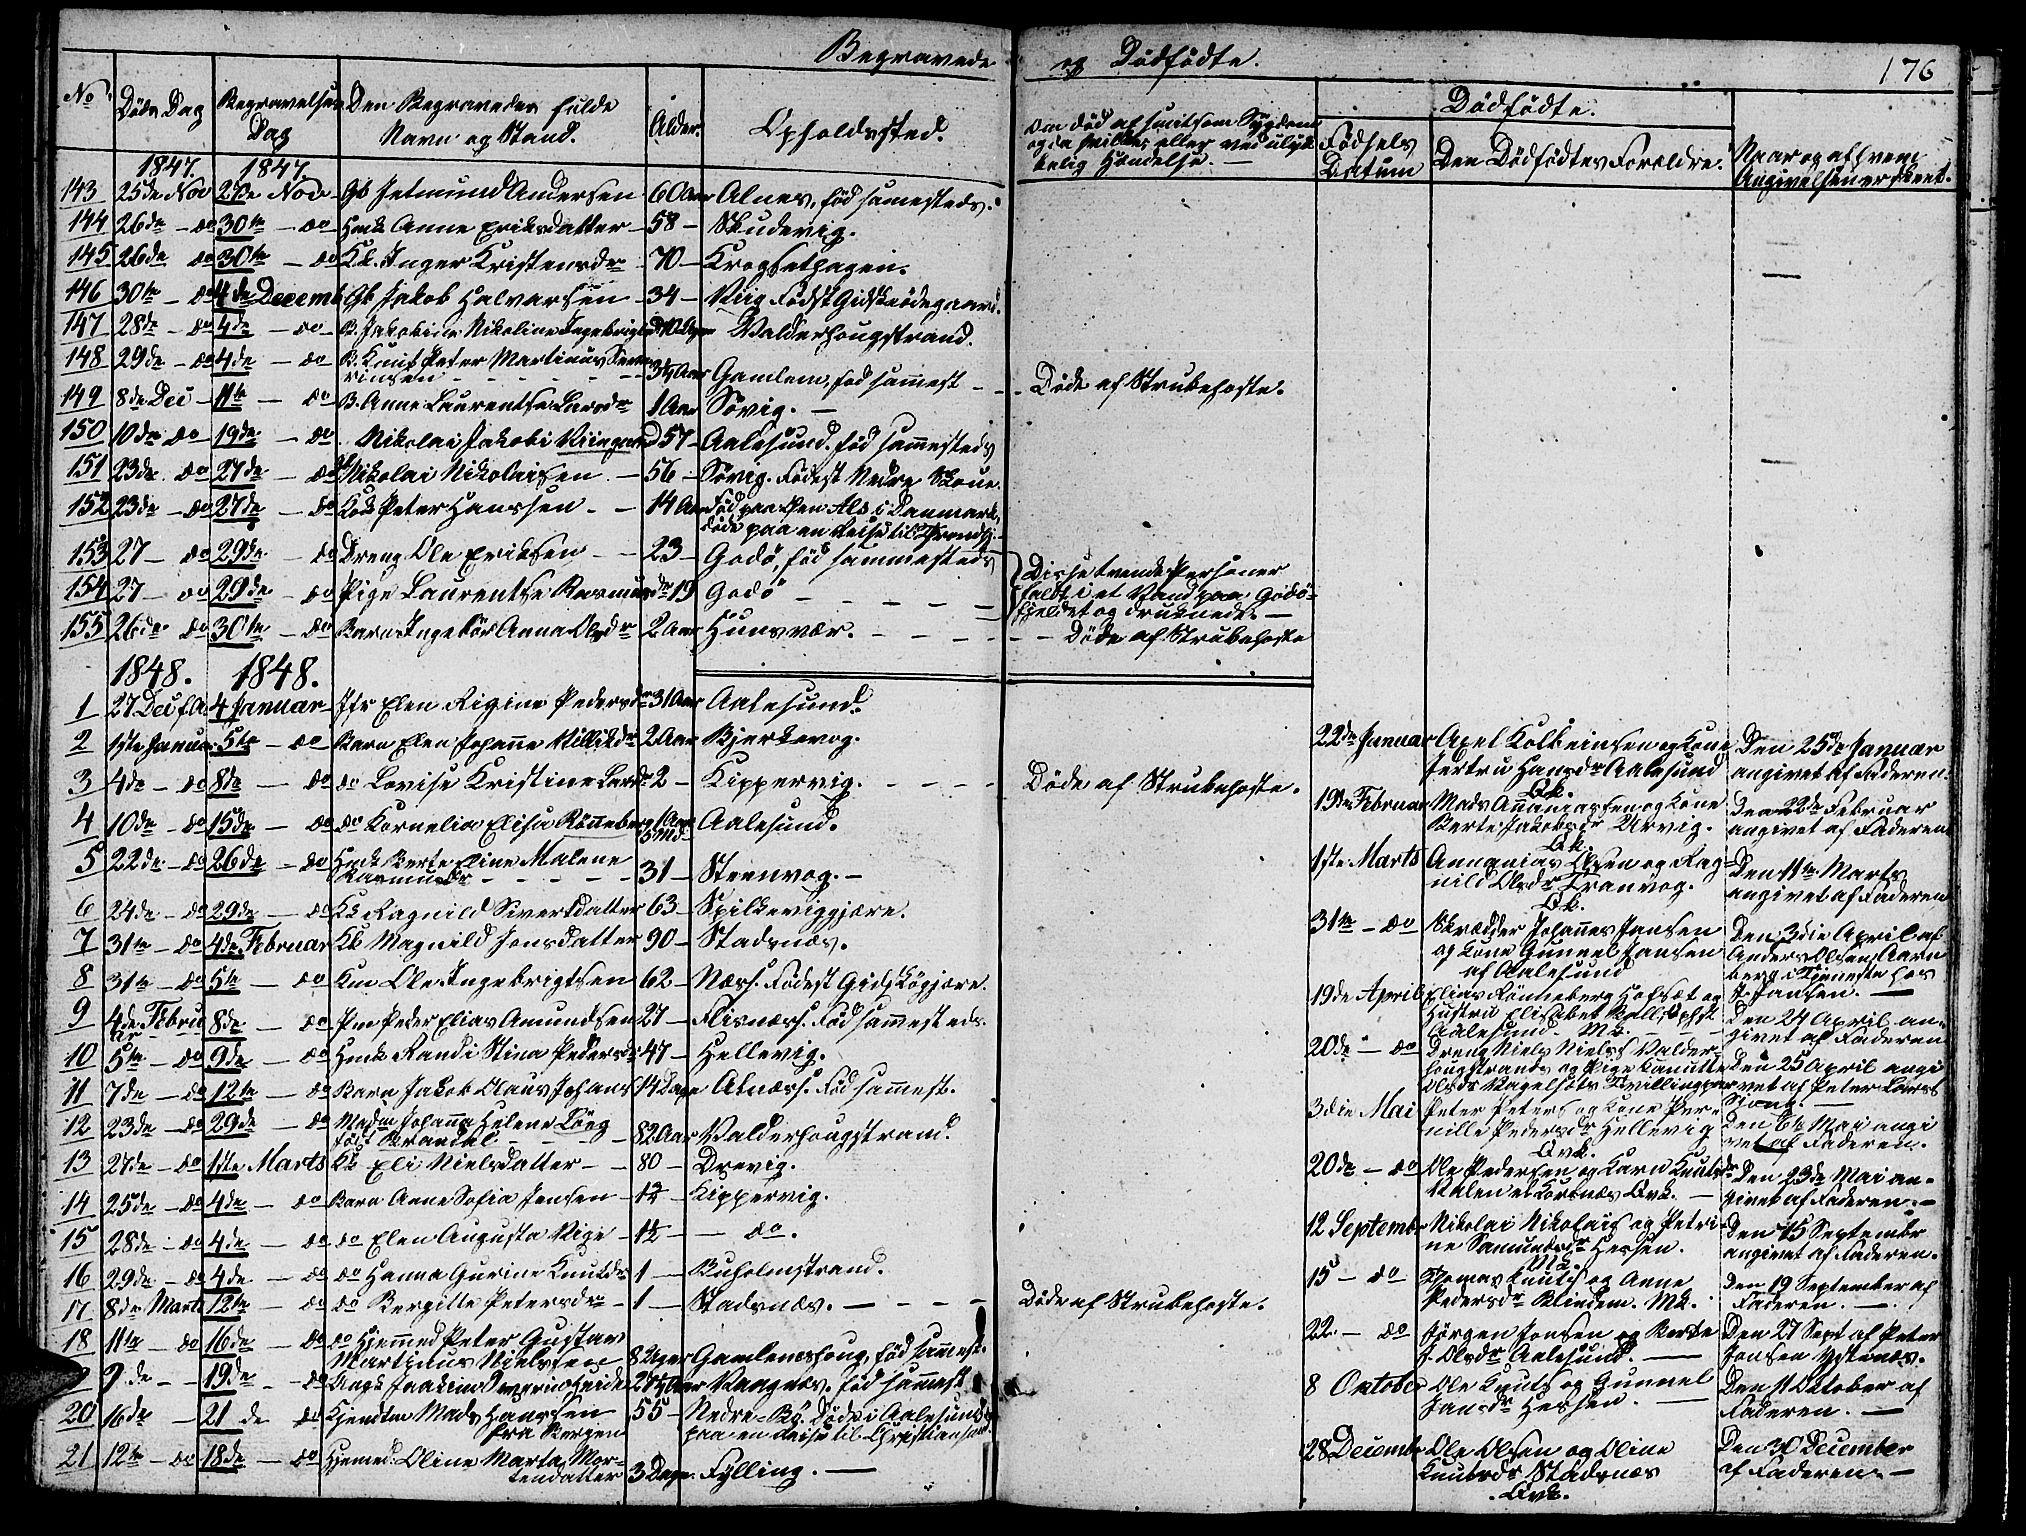 SAT, Ministerialprotokoller, klokkerbøker og fødselsregistre - Møre og Romsdal, 528/L0426: Klokkerbok nr. 528C07, 1844-1854, s. 176